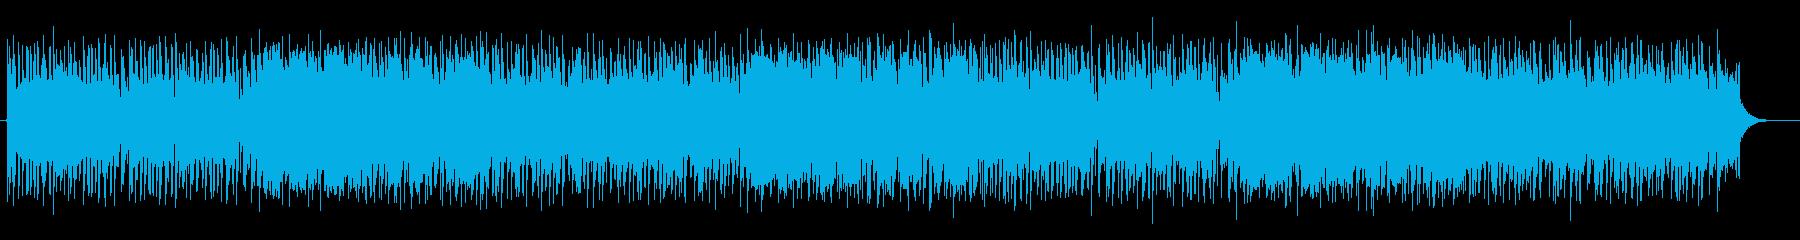 うきうきする陽気なアップテンポの曲の再生済みの波形